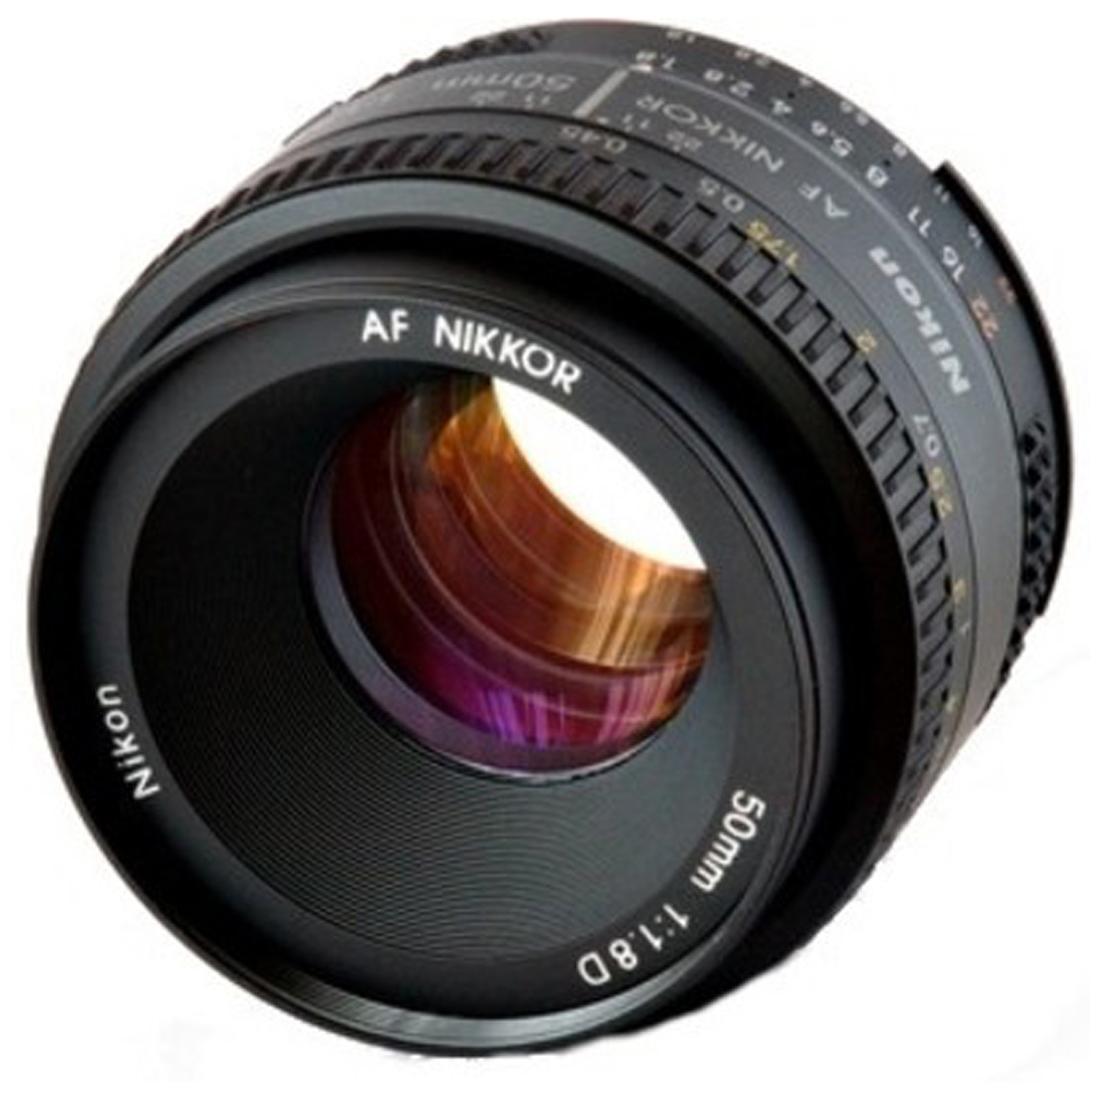 Nikon AF Nikkor 50 mm f/1.8D Lens  Black  by Best Deal Camera Point